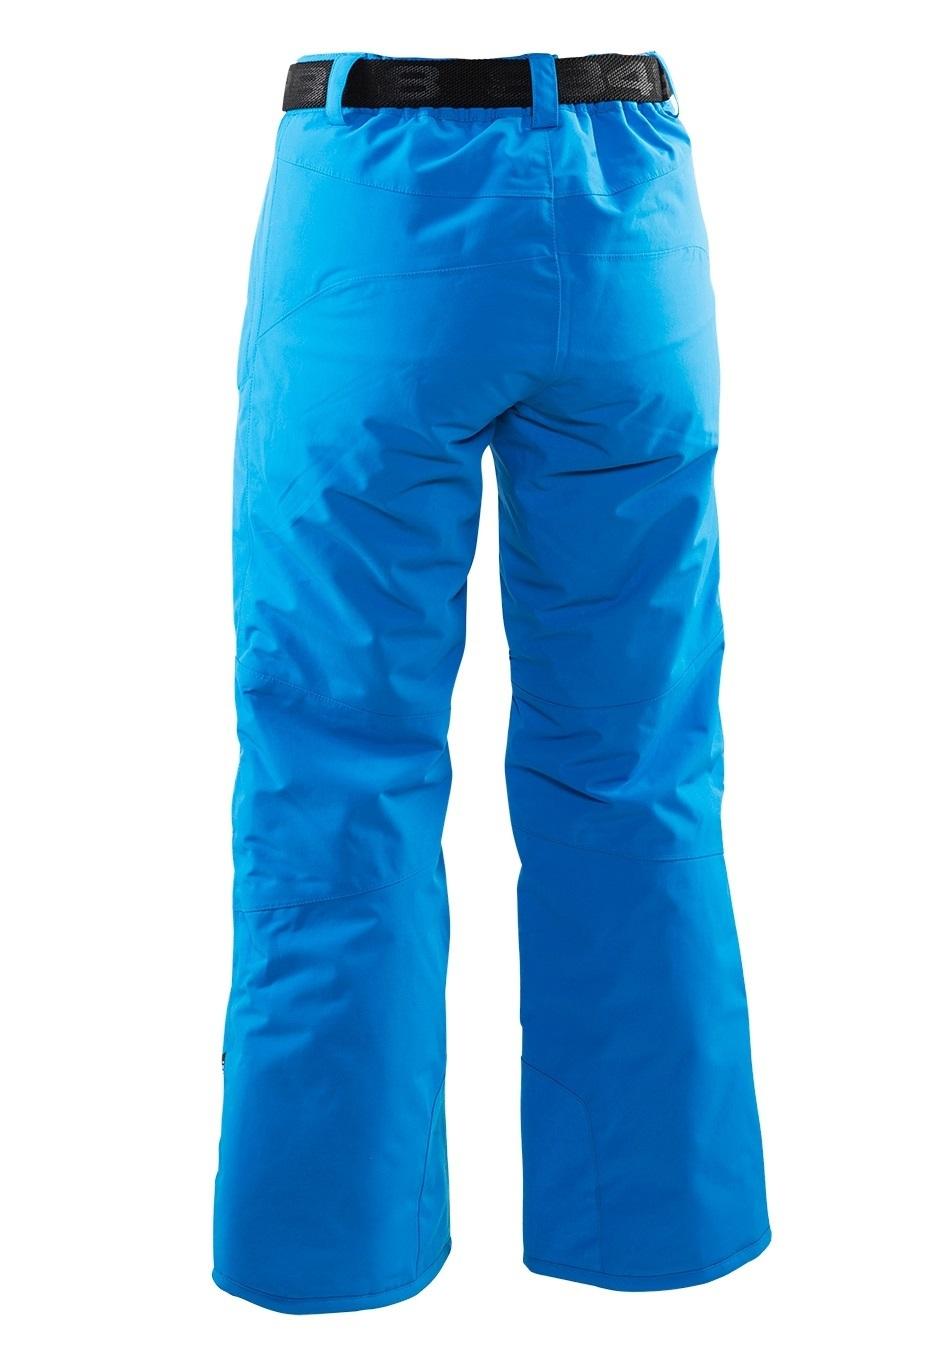 8848 ALTITUDE KATE-INCA горнолыжный костюм для девочек бирюза фото